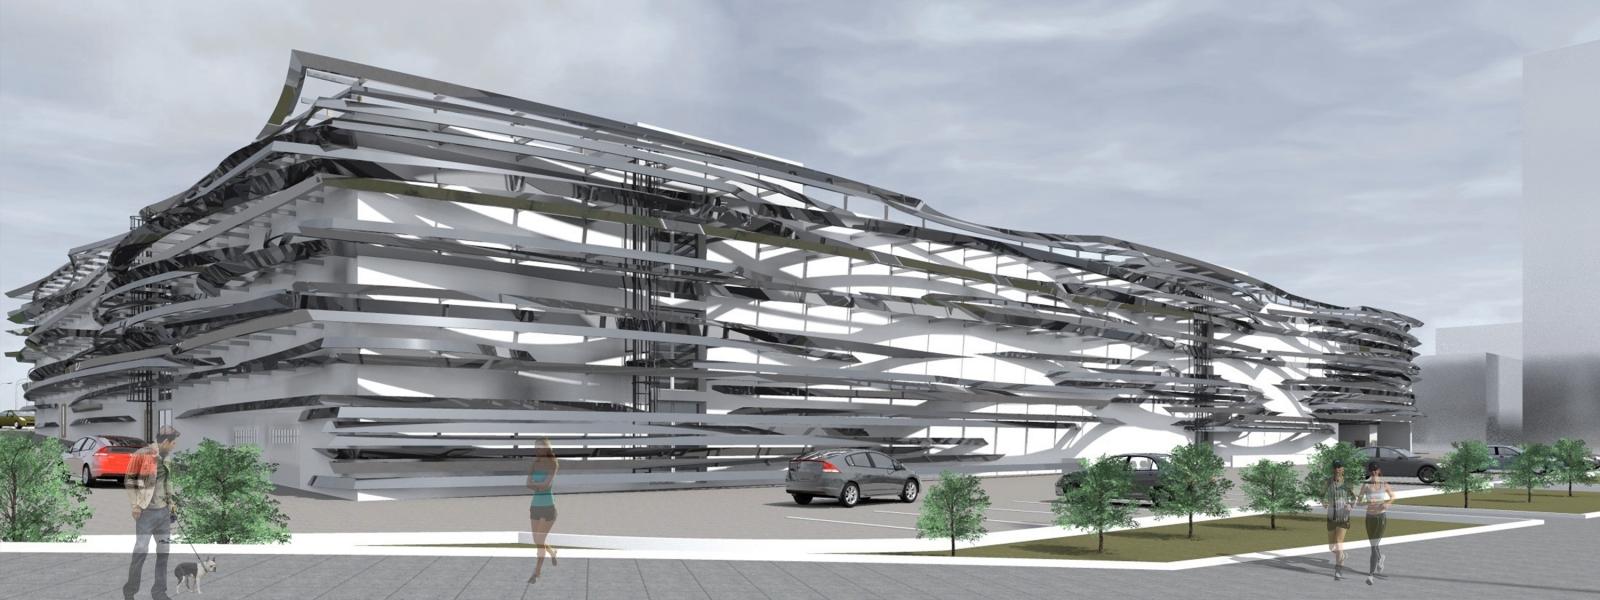 work-Проект гаража на 450 машиномест